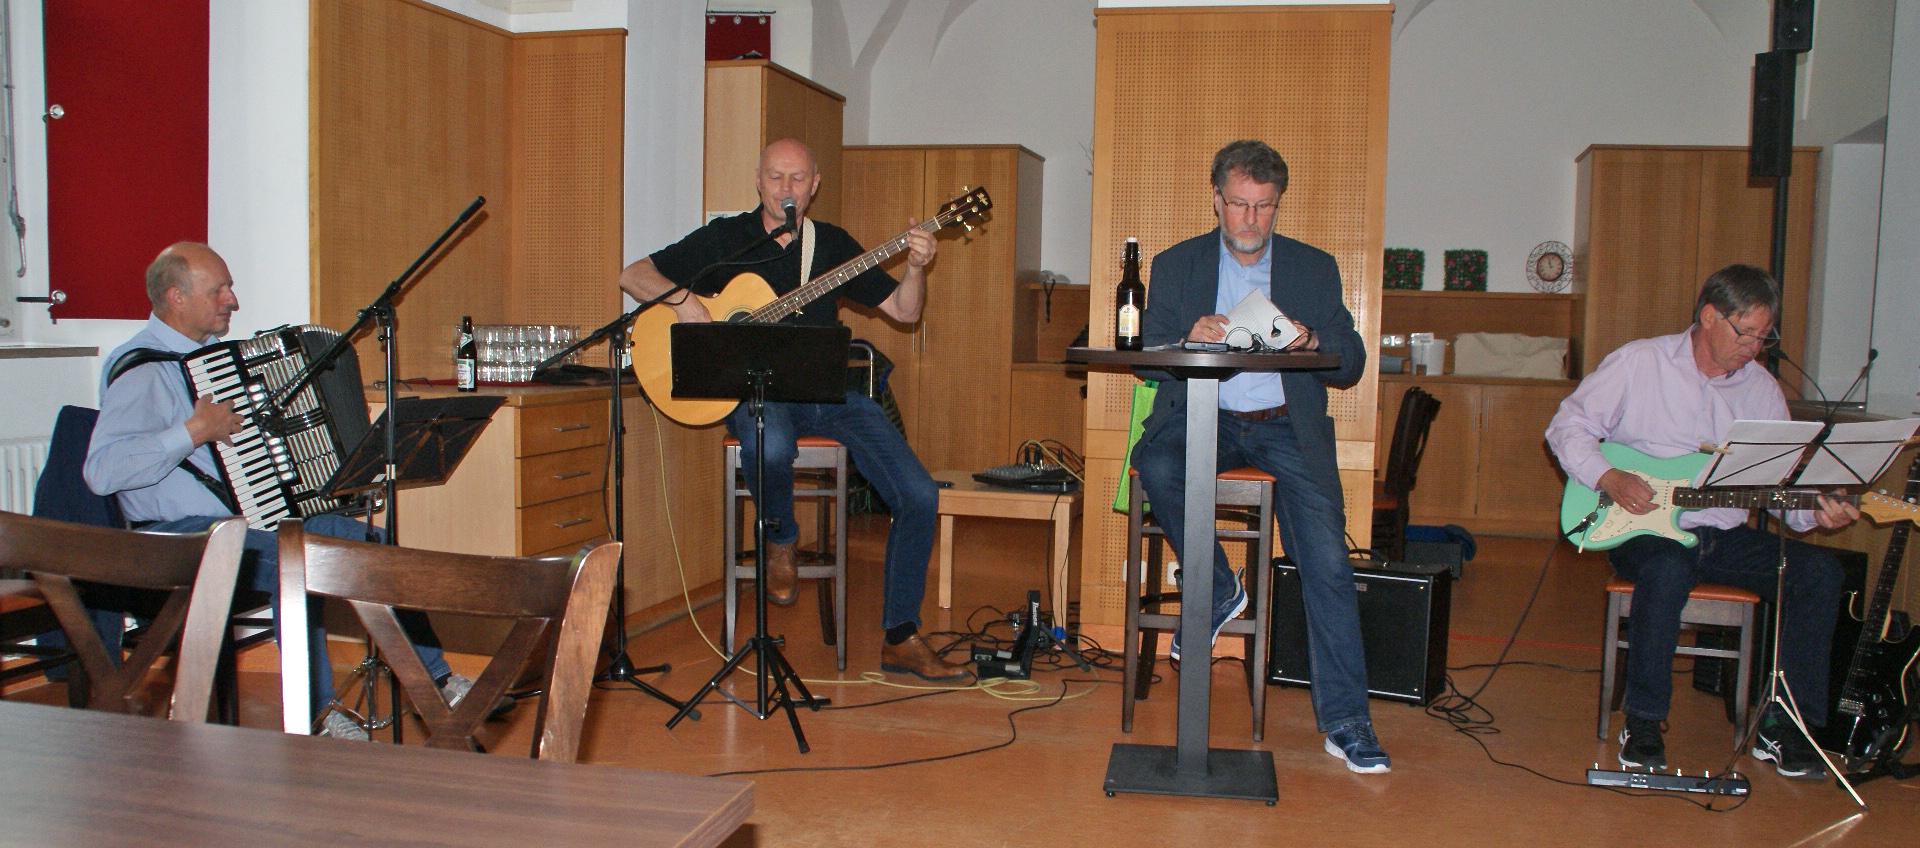 """Die Vier Unverdorbenen """"live"""" (v. re.): Klaus Götze (Gitarre), Karl Stumpfi (Rezitation), Jürgen Zach (Bass/Gesang) und Franz Schöberl (Akkordeon). Foto: Alfred Grassmann"""